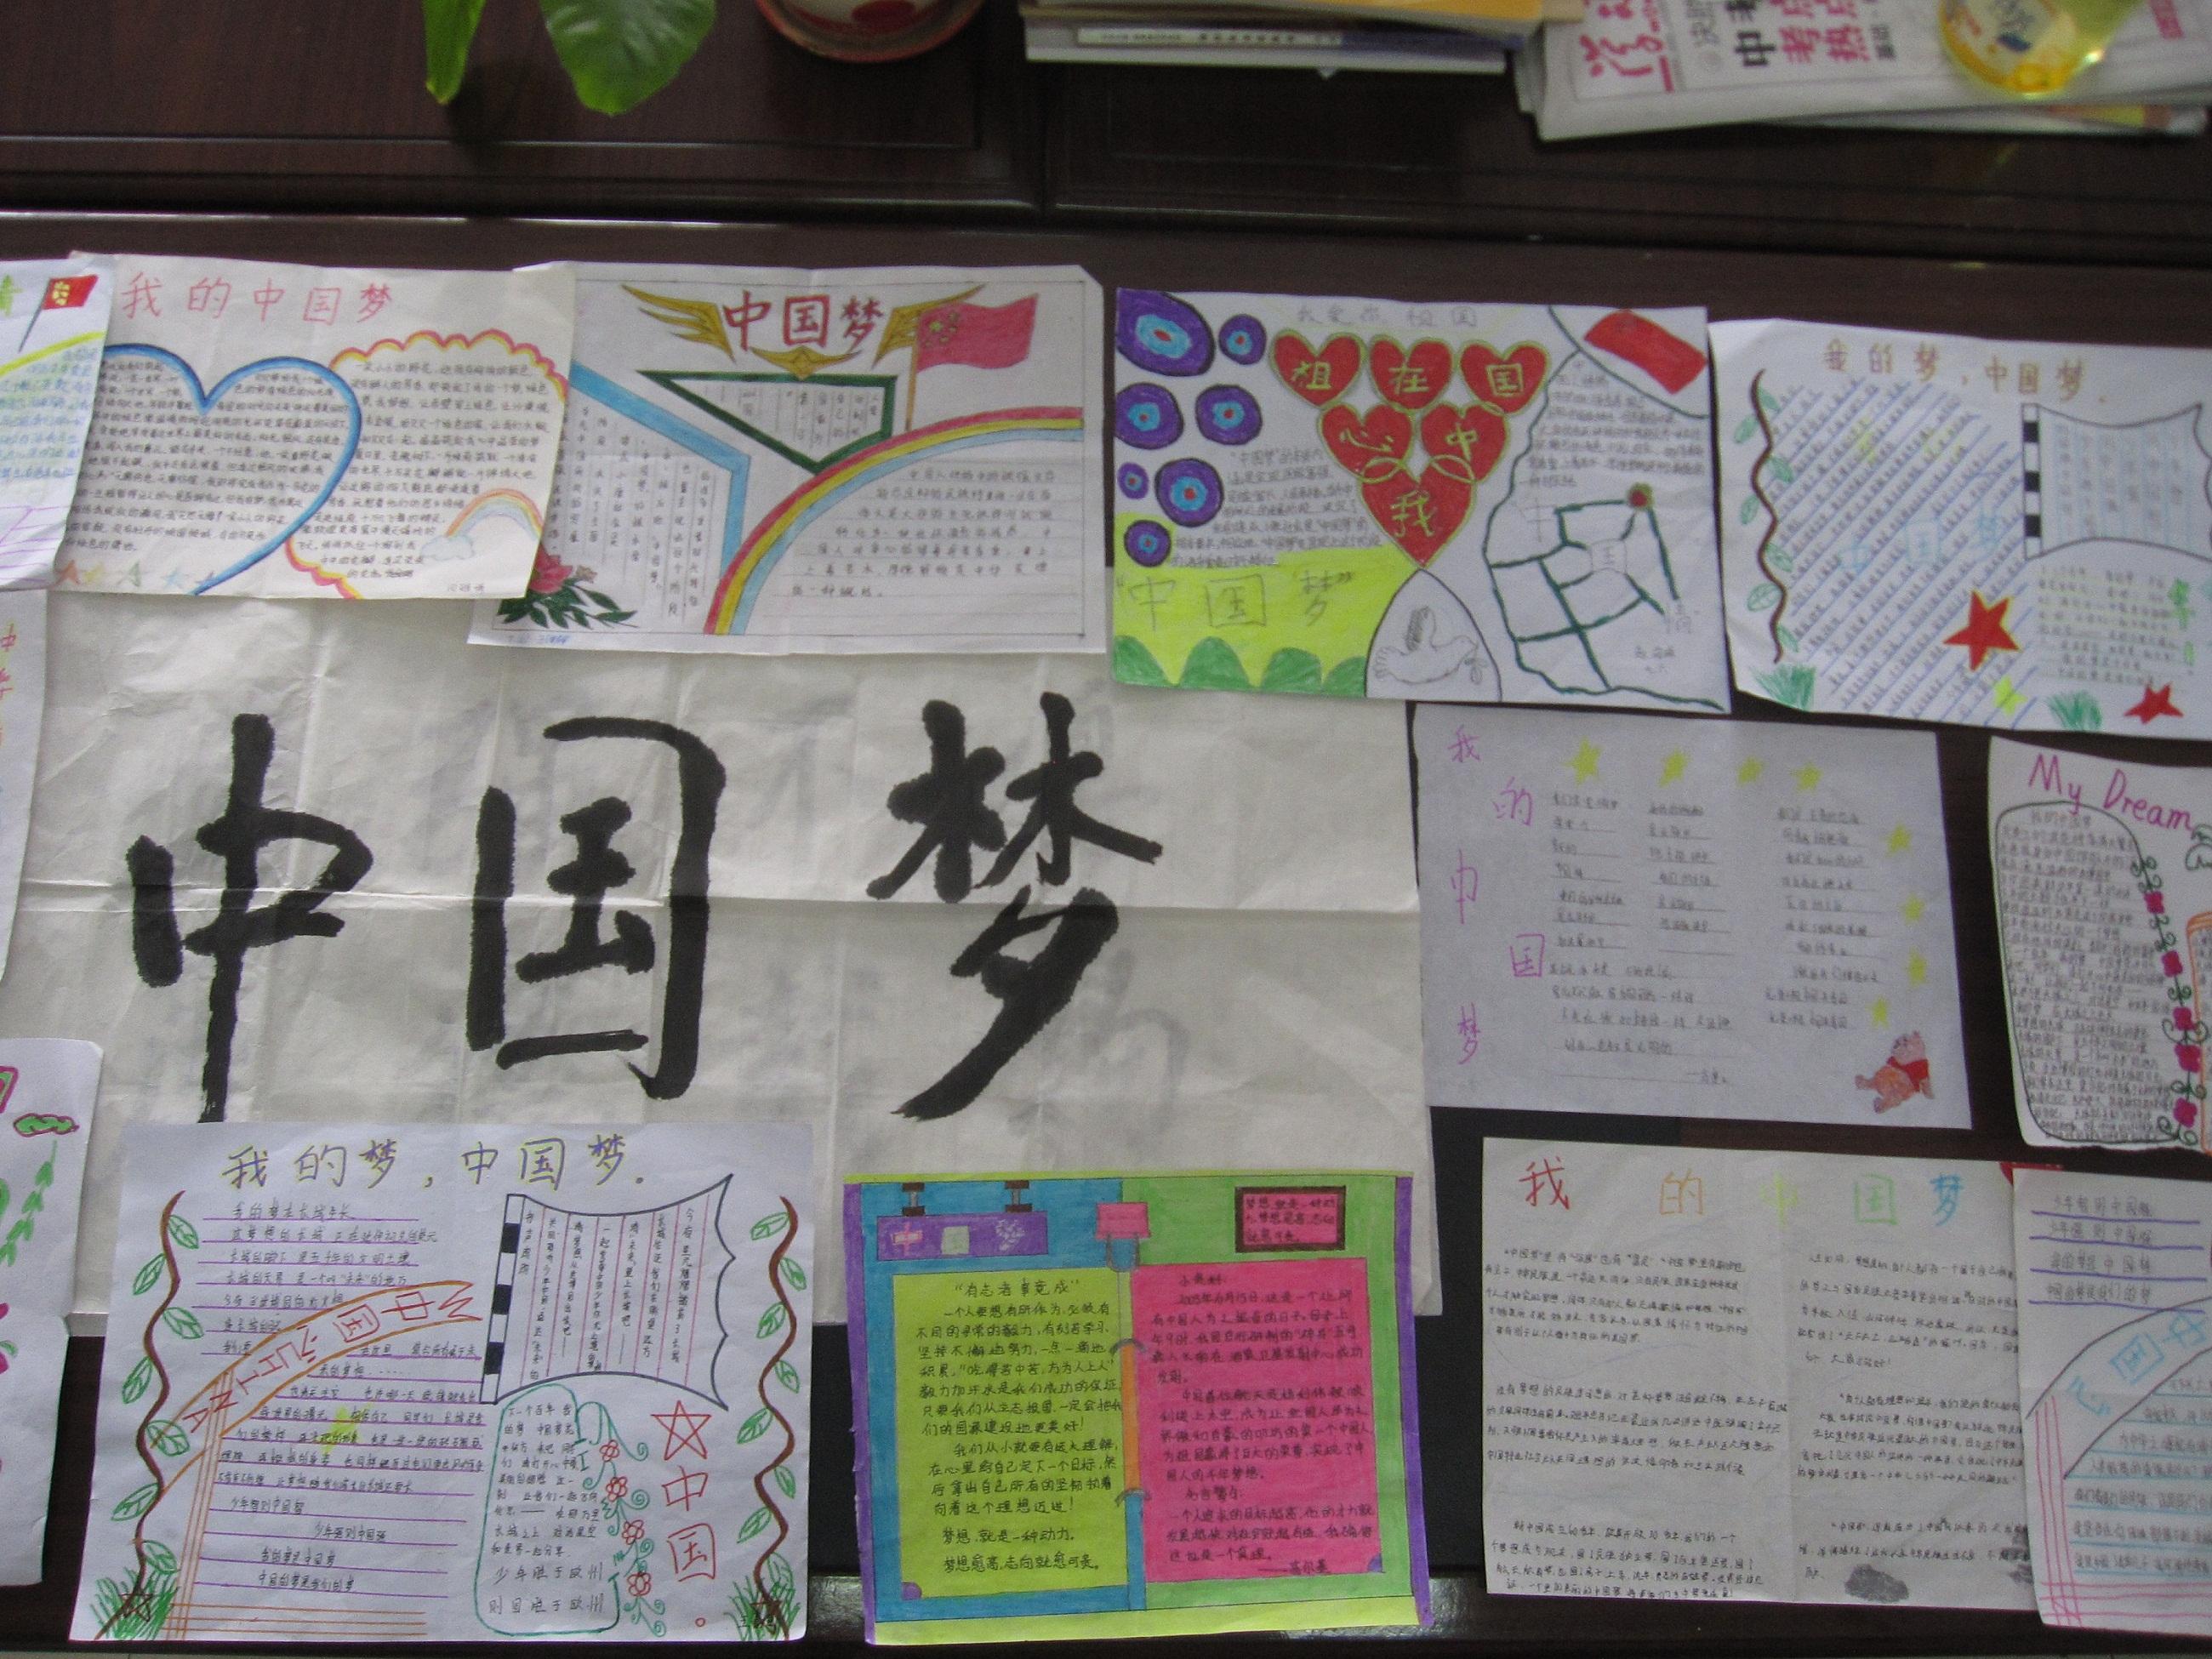 """李鹊初中""""中国梦,我的梦""""手抄报 - 红领巾相约中国梦"""